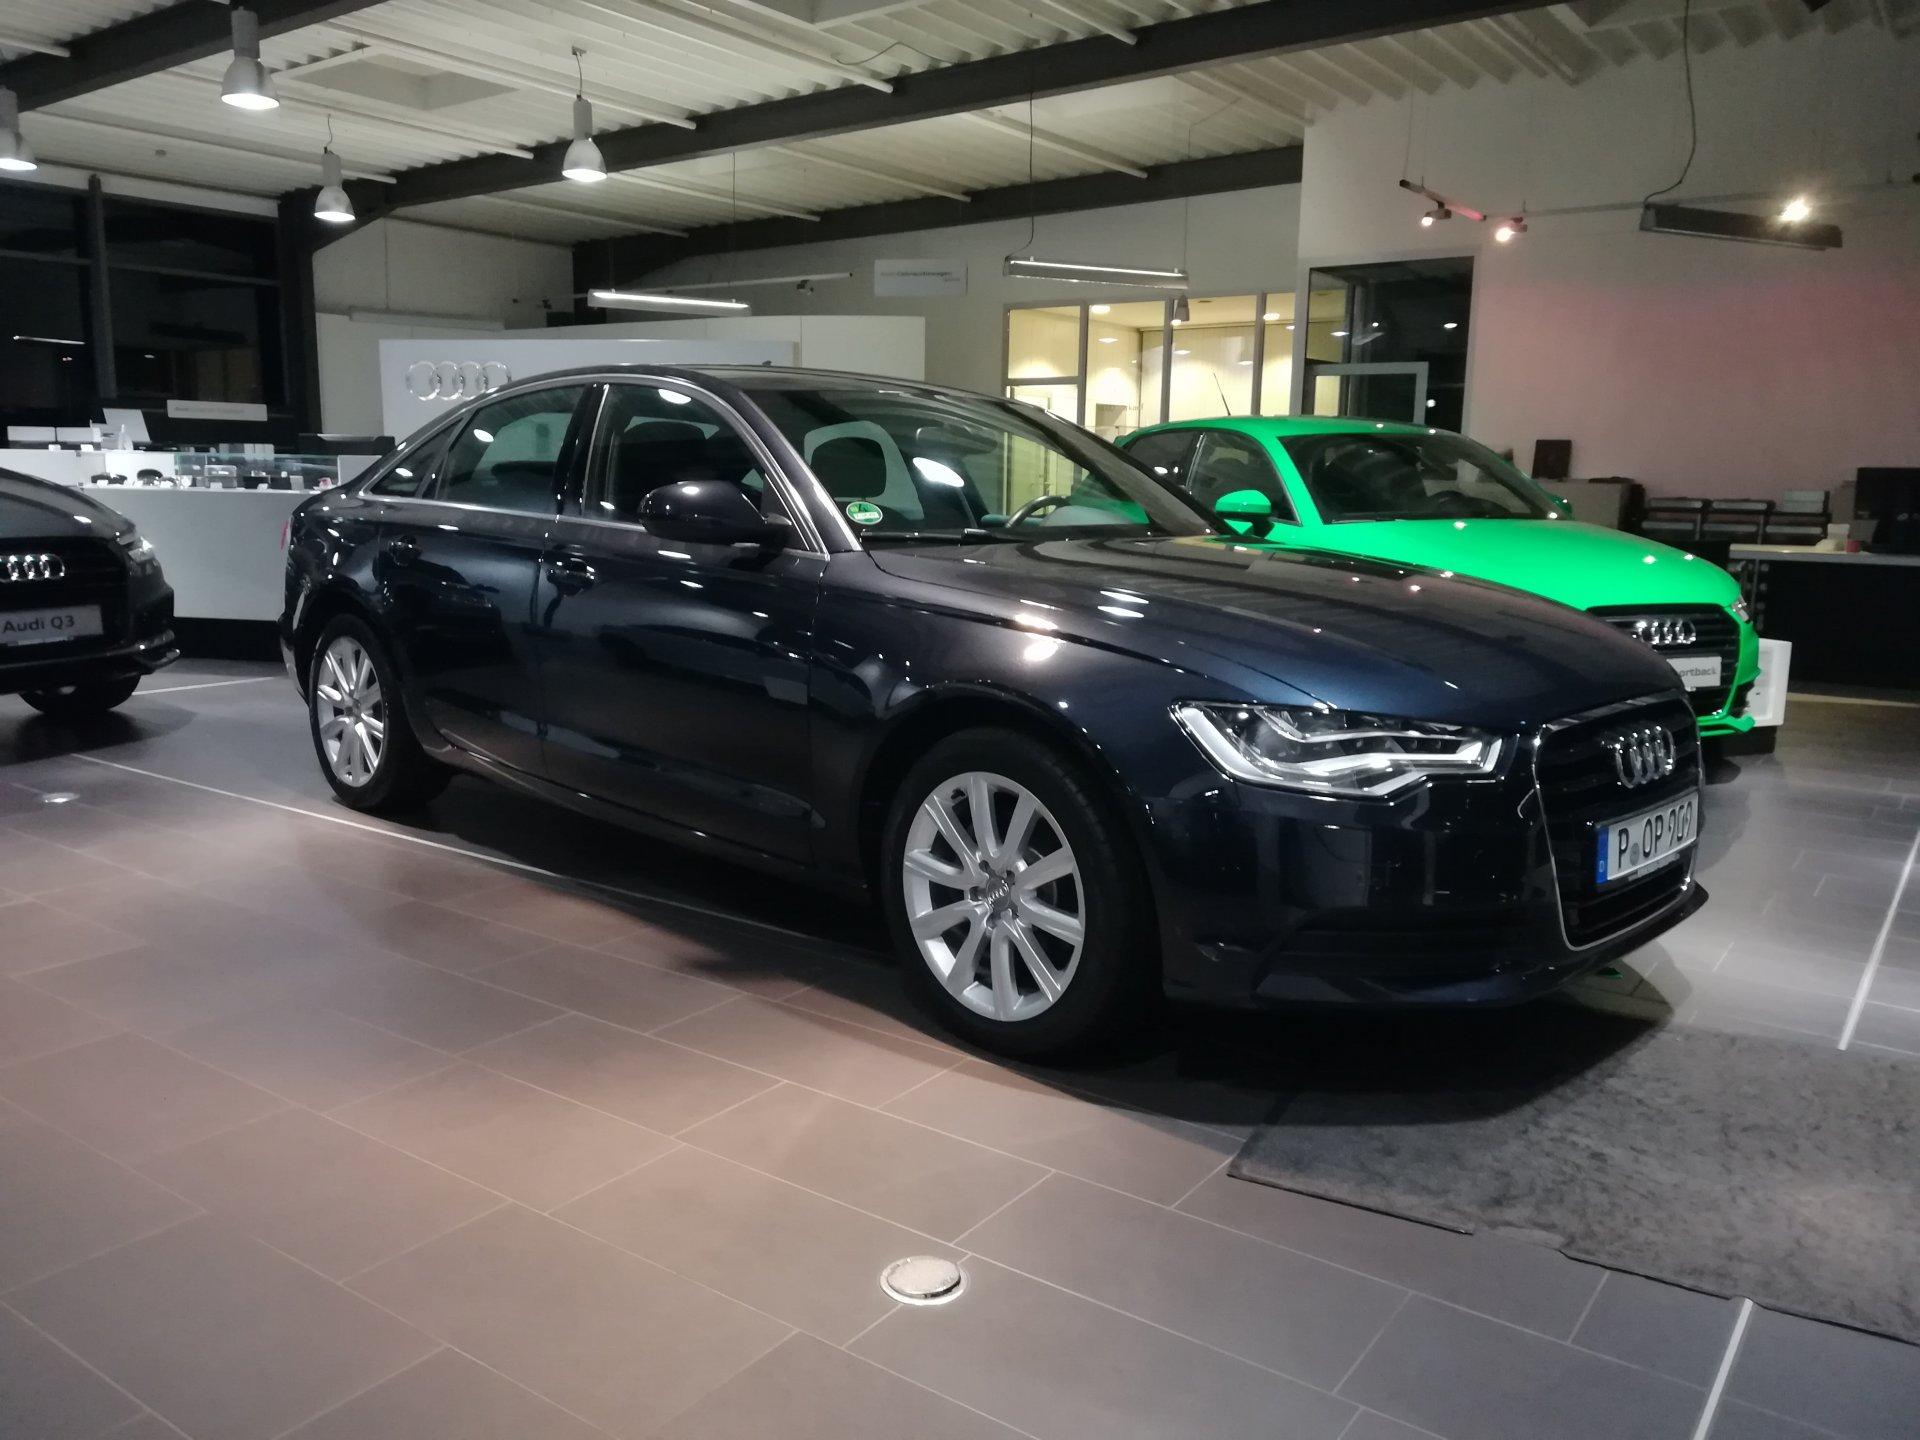 Basty´s Autos Civic Winter Bitch Polo 1 6 TDI bestellt BMW